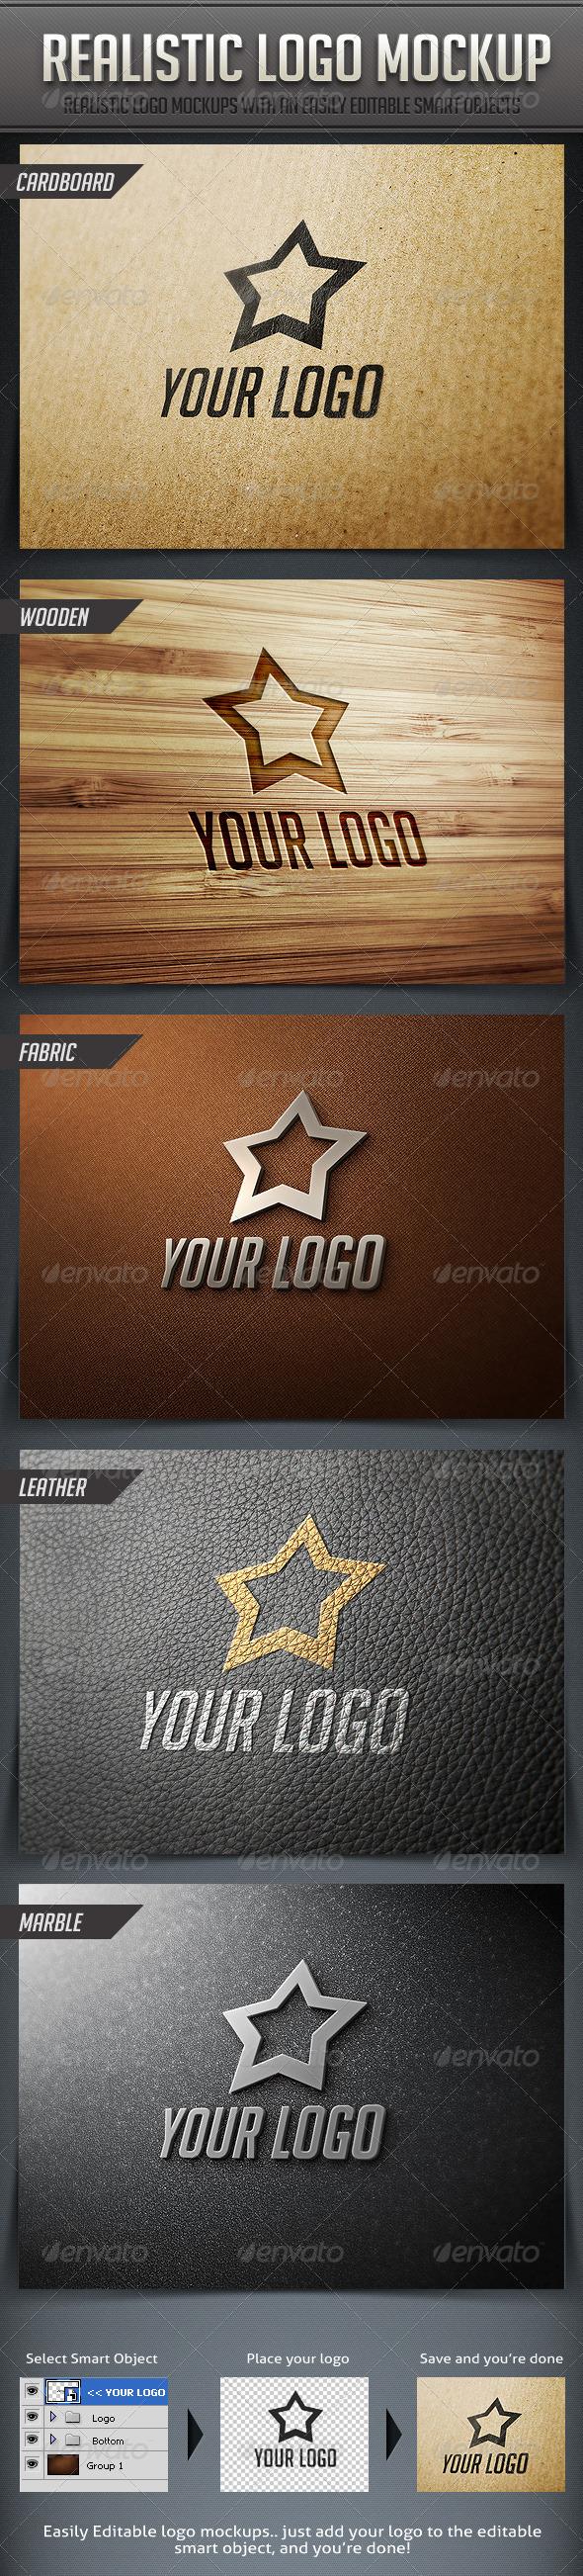 GraphicRiver Realistic Logo Mockup 2363899